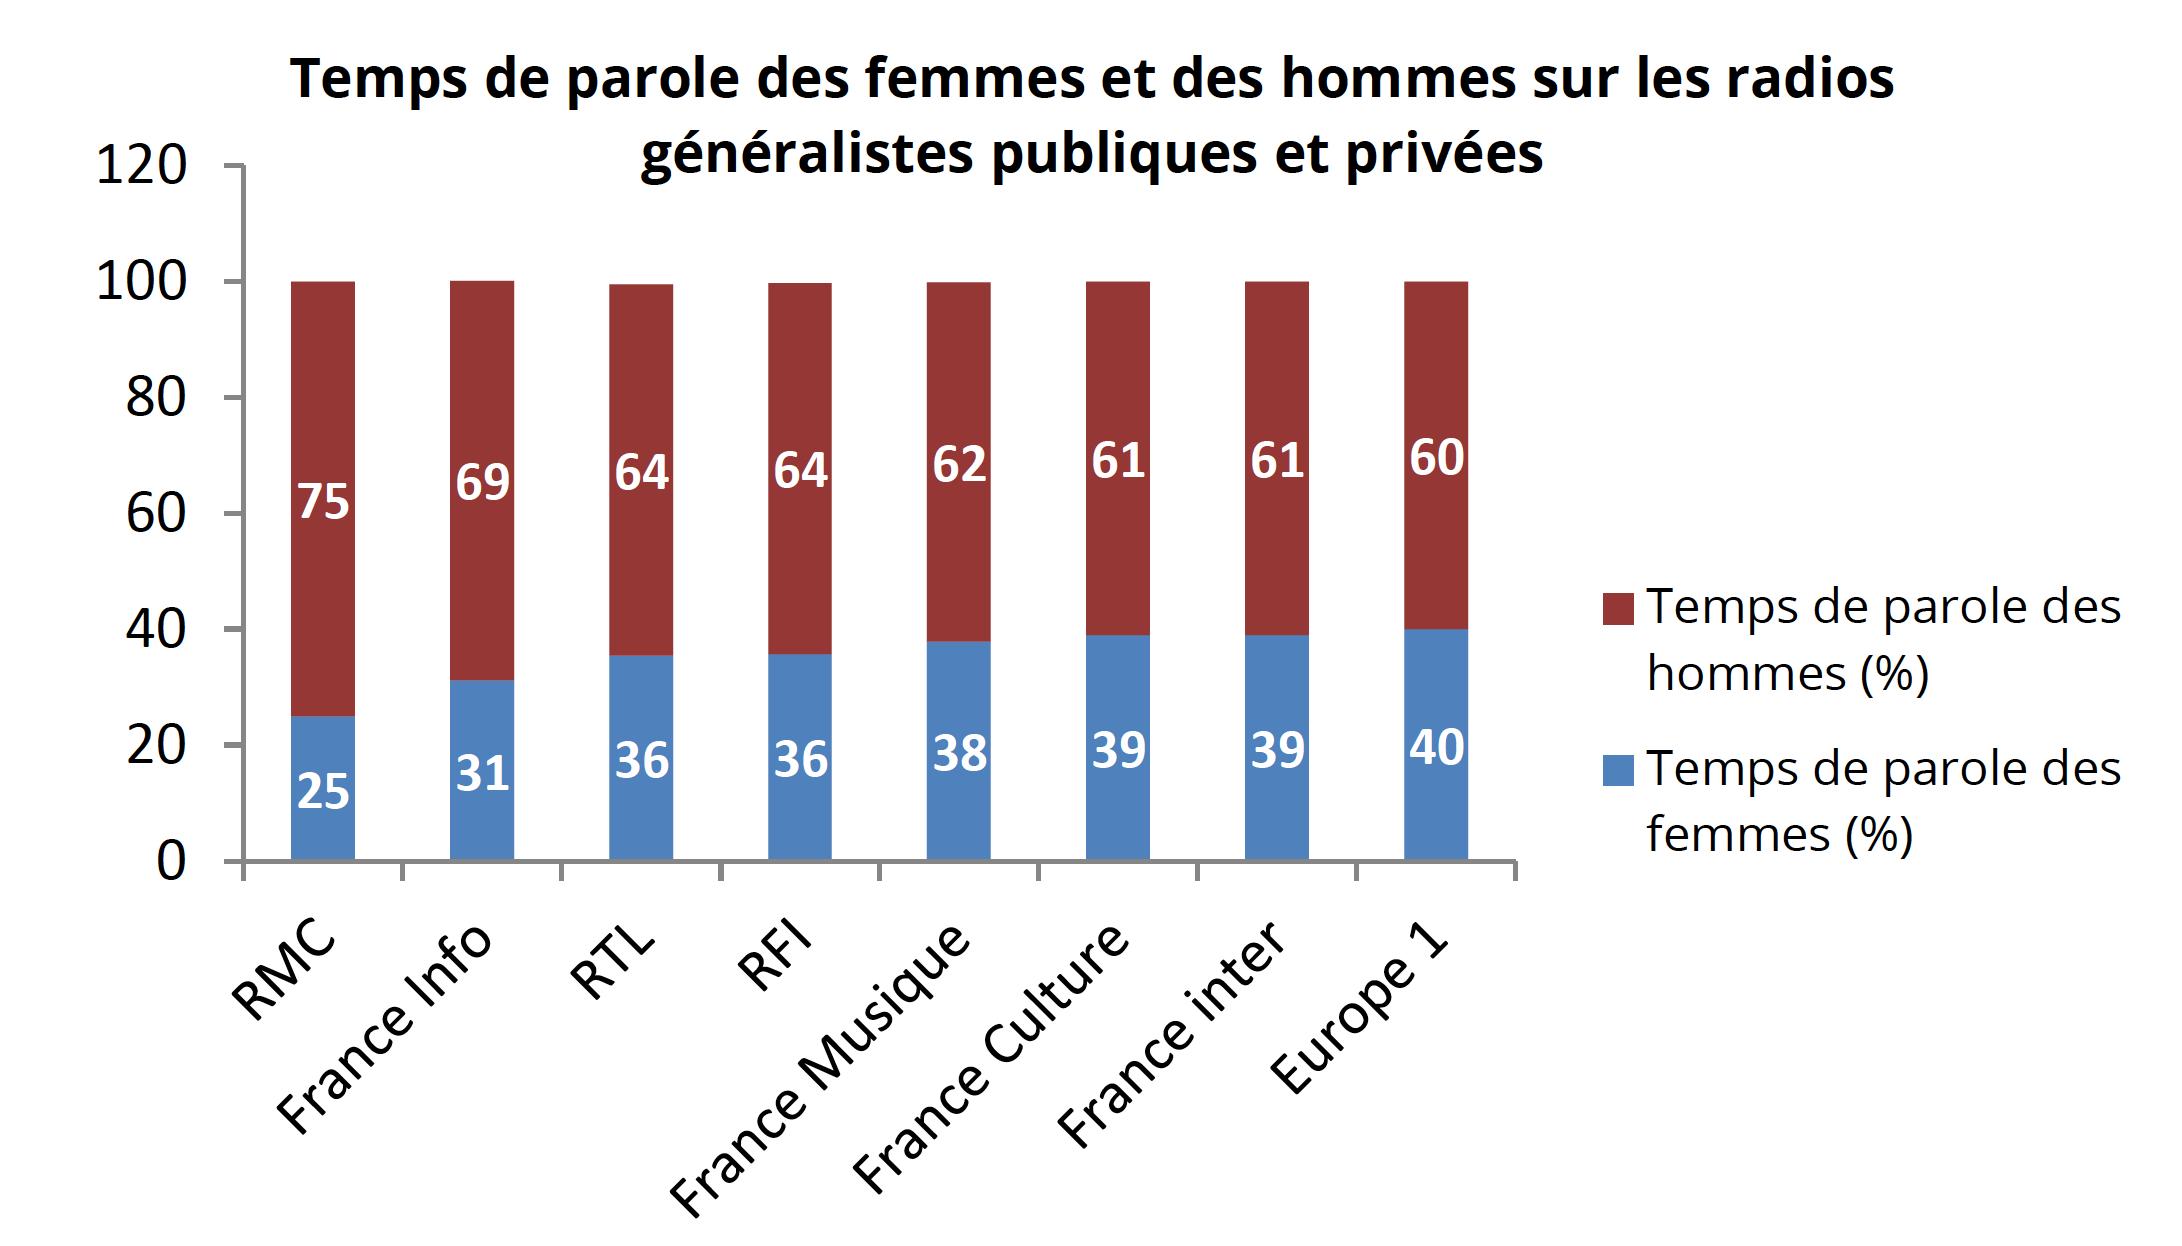 Les stations du service public présentent des pourcentages de temps de parole compris entre 31 % (France Info) et 70 % (Fip), France Musique étant à 38% et RFI à 36%.